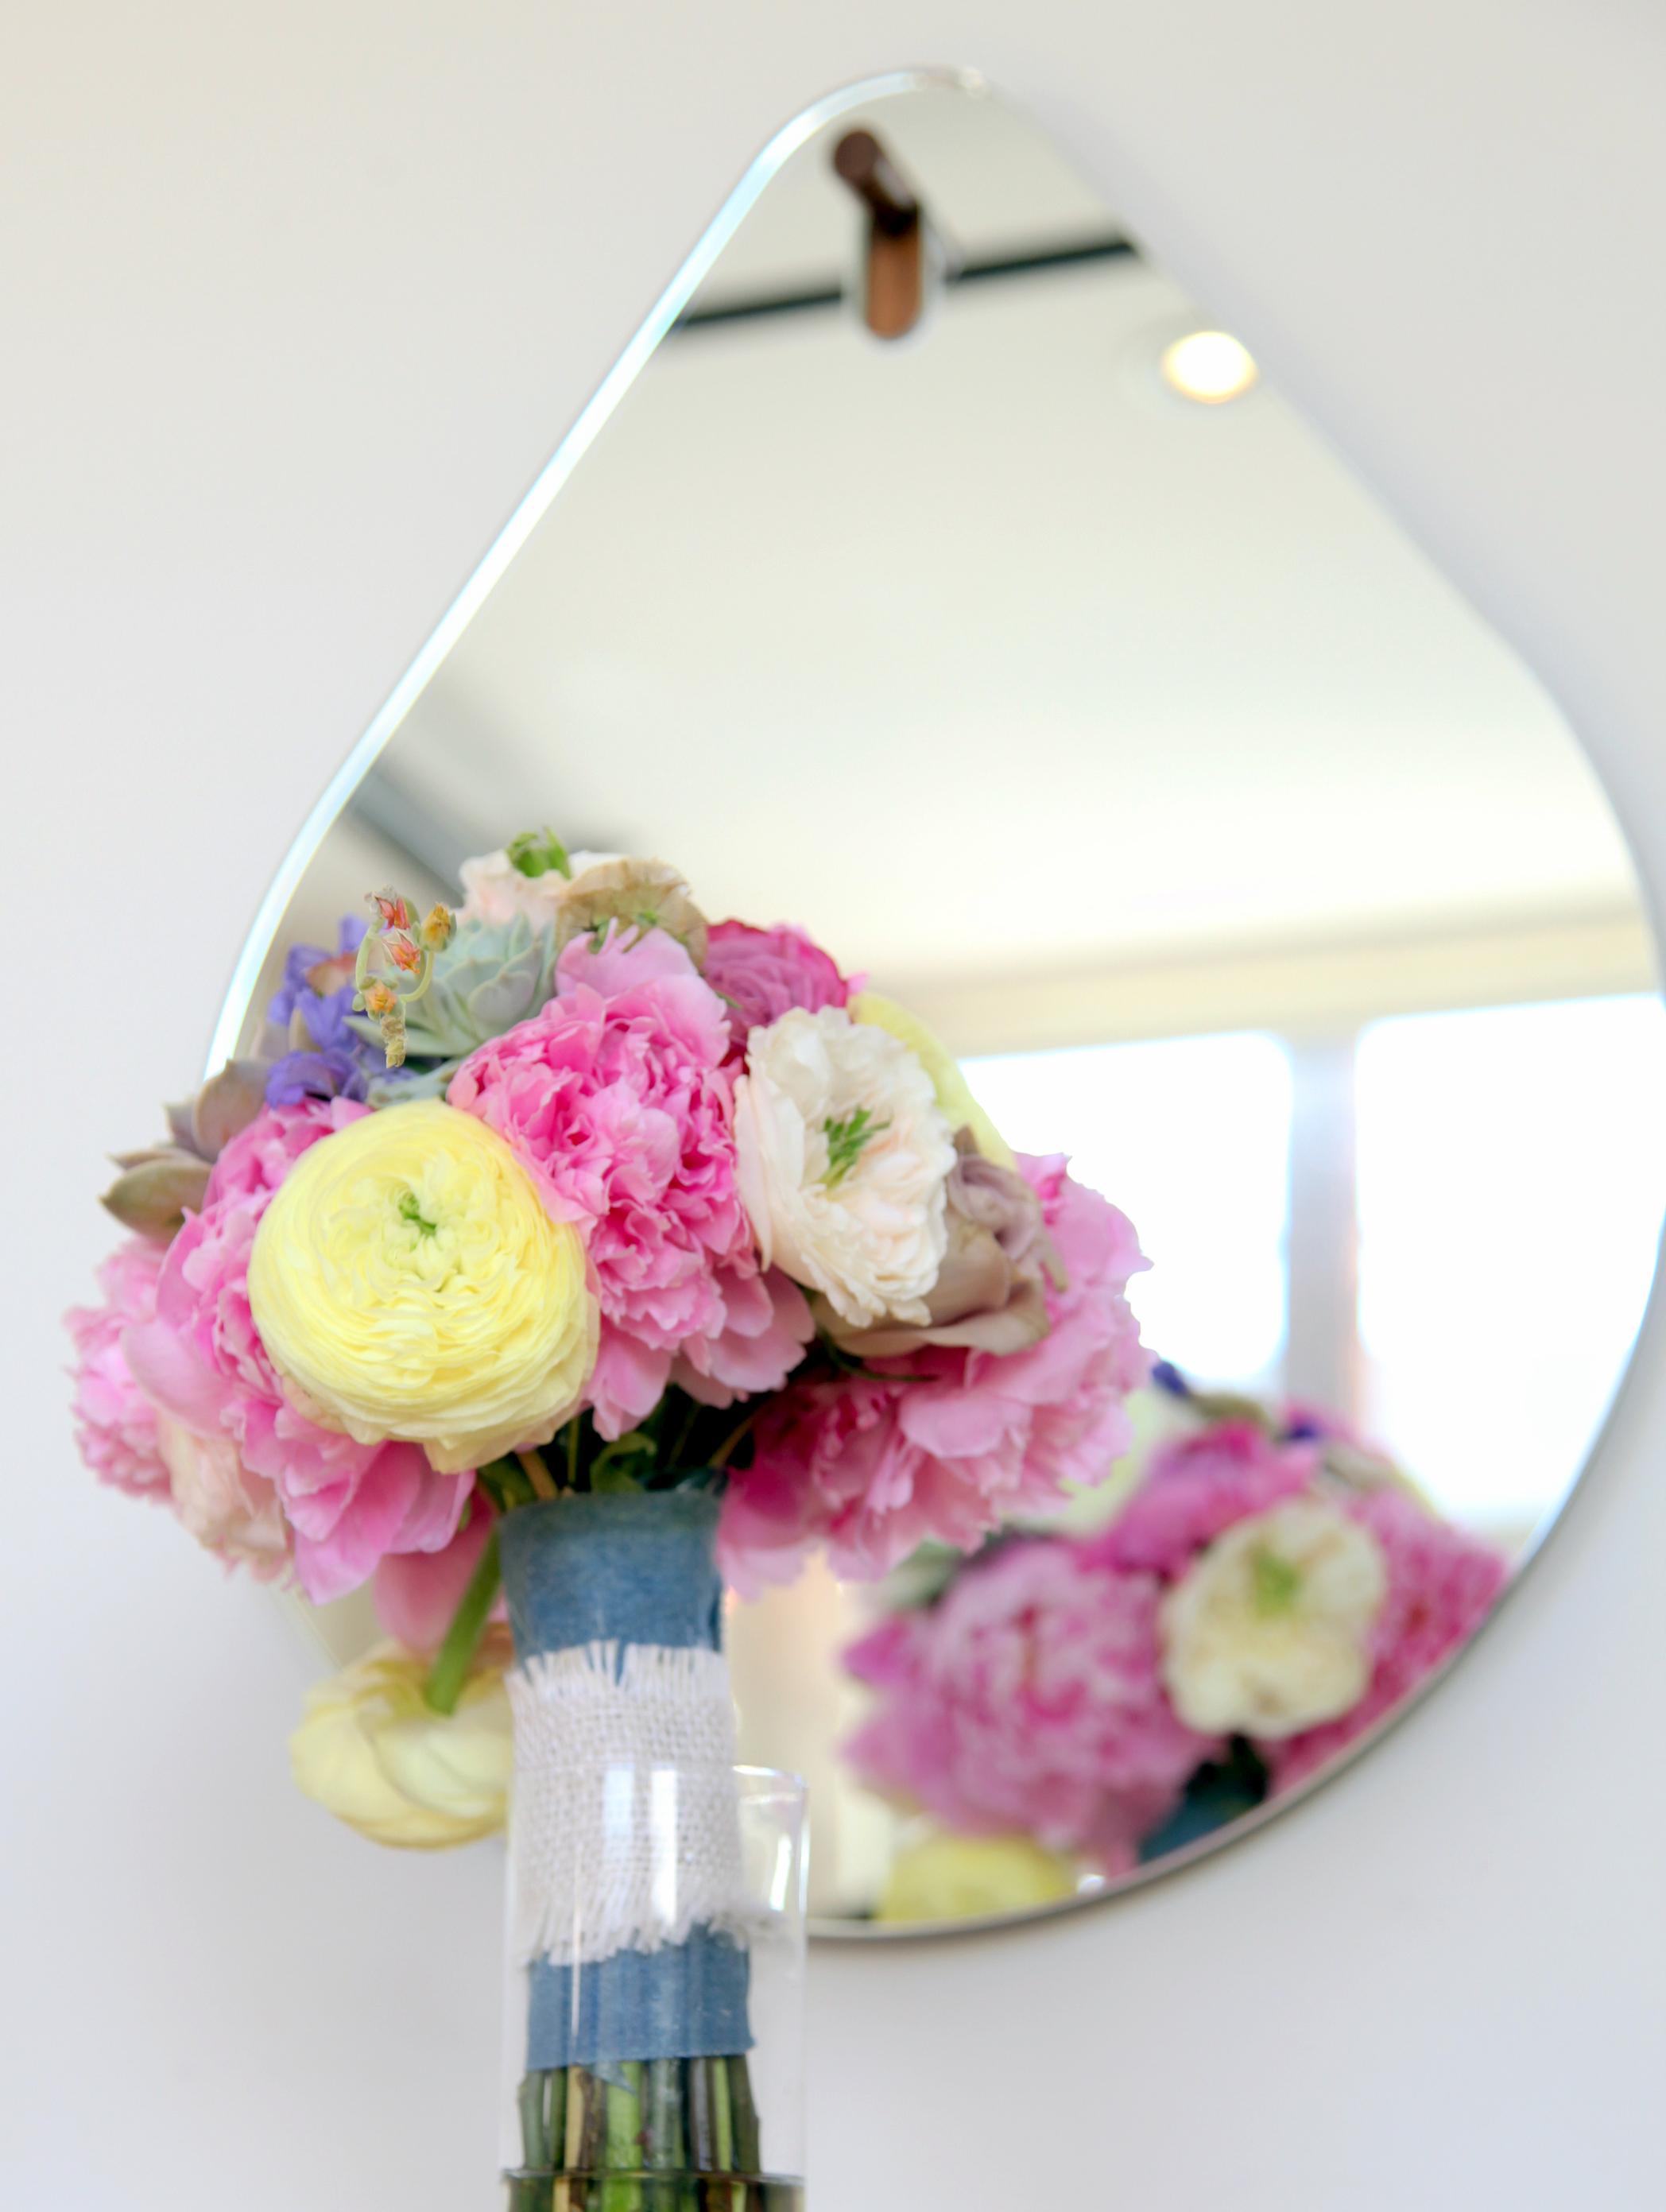 JnD bouquet in mirror